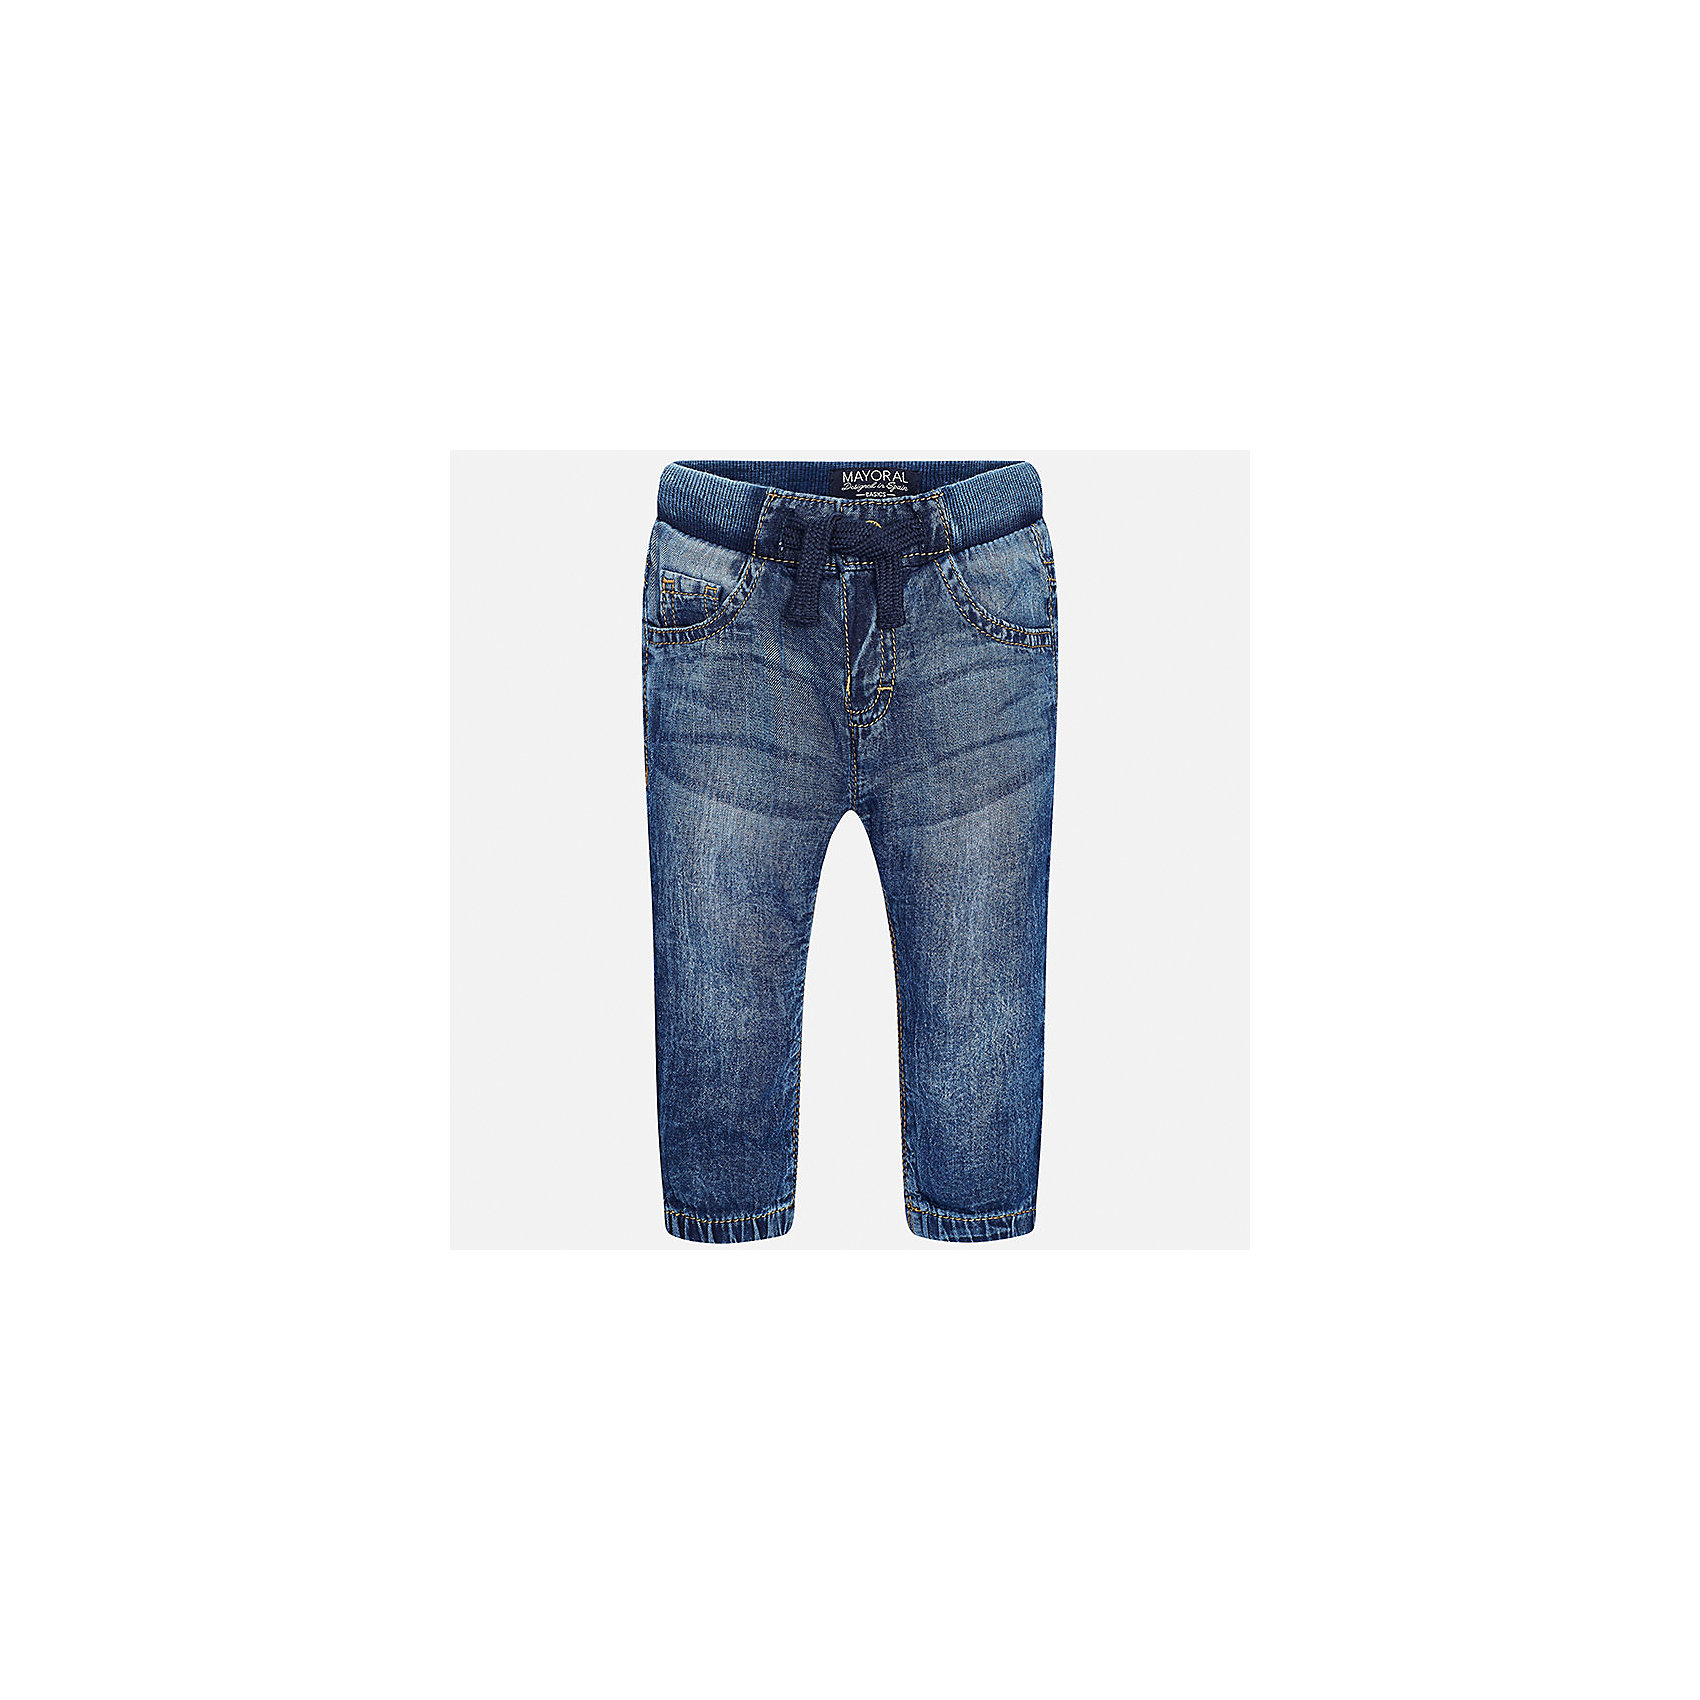 Джинсы для мальчика MayoralХарактеристики товара:<br><br>• цвет: синий<br>• состав: 100% хлопок<br>• имитация потертости<br>• шлевки<br>• карманы<br>• пояс - мягкая резинка<br>• классический силуэт<br>• страна бренда: Испания<br><br>Модные джинсы для мальчика смогут стать базовой вещью в гардеробе ребенка. Они отлично сочетаются с майками, футболками, рубашками и т.д. Универсальный крой и цвет позволяет подобрать к вещи верх разных расцветок. Практичное и стильное изделие! В составе материала - натуральный хлопок, гипоаллергенный, приятный на ощупь, дышащий.<br><br>Одежда, обувь и аксессуары от испанского бренда Mayoral полюбились детям и взрослым по всему миру. Модели этой марки - стильные и удобные. Для их производства используются только безопасные, качественные материалы и фурнитура. Порадуйте ребенка модными и красивыми вещами от Mayoral! <br><br>Джинсы для мальчика от испанского бренда Mayoral (Майорал) можно купить в нашем интернет-магазине.<br><br>Ширина мм: 215<br>Глубина мм: 88<br>Высота мм: 191<br>Вес г: 336<br>Цвет: синий<br>Возраст от месяцев: 12<br>Возраст до месяцев: 15<br>Пол: Мужской<br>Возраст: Детский<br>Размер: 80,86,92<br>SKU: 5278017